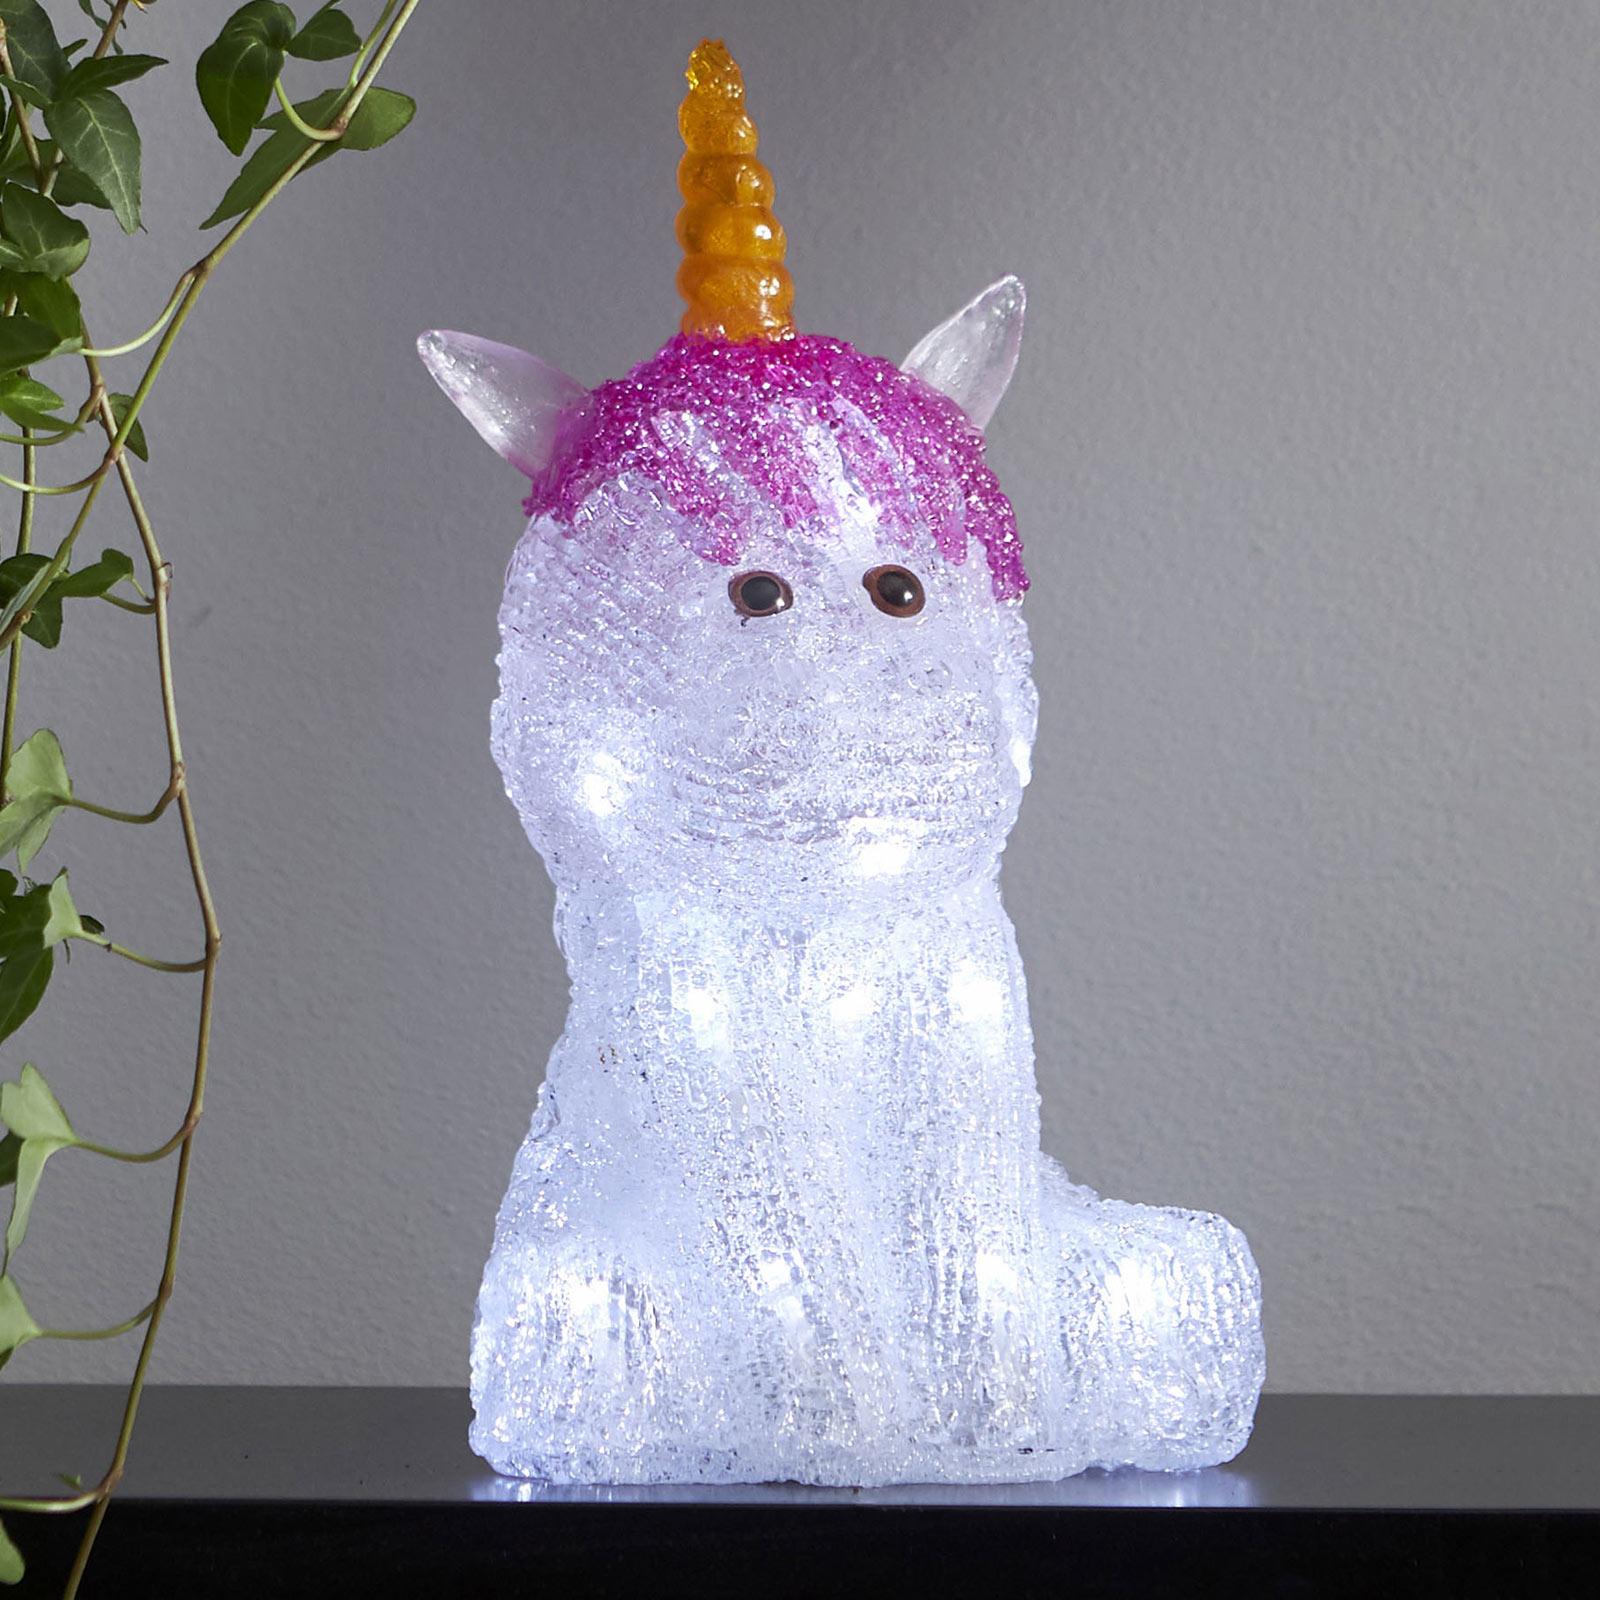 Best Season Crystaline LED dekorační světlo jednorožec baterie